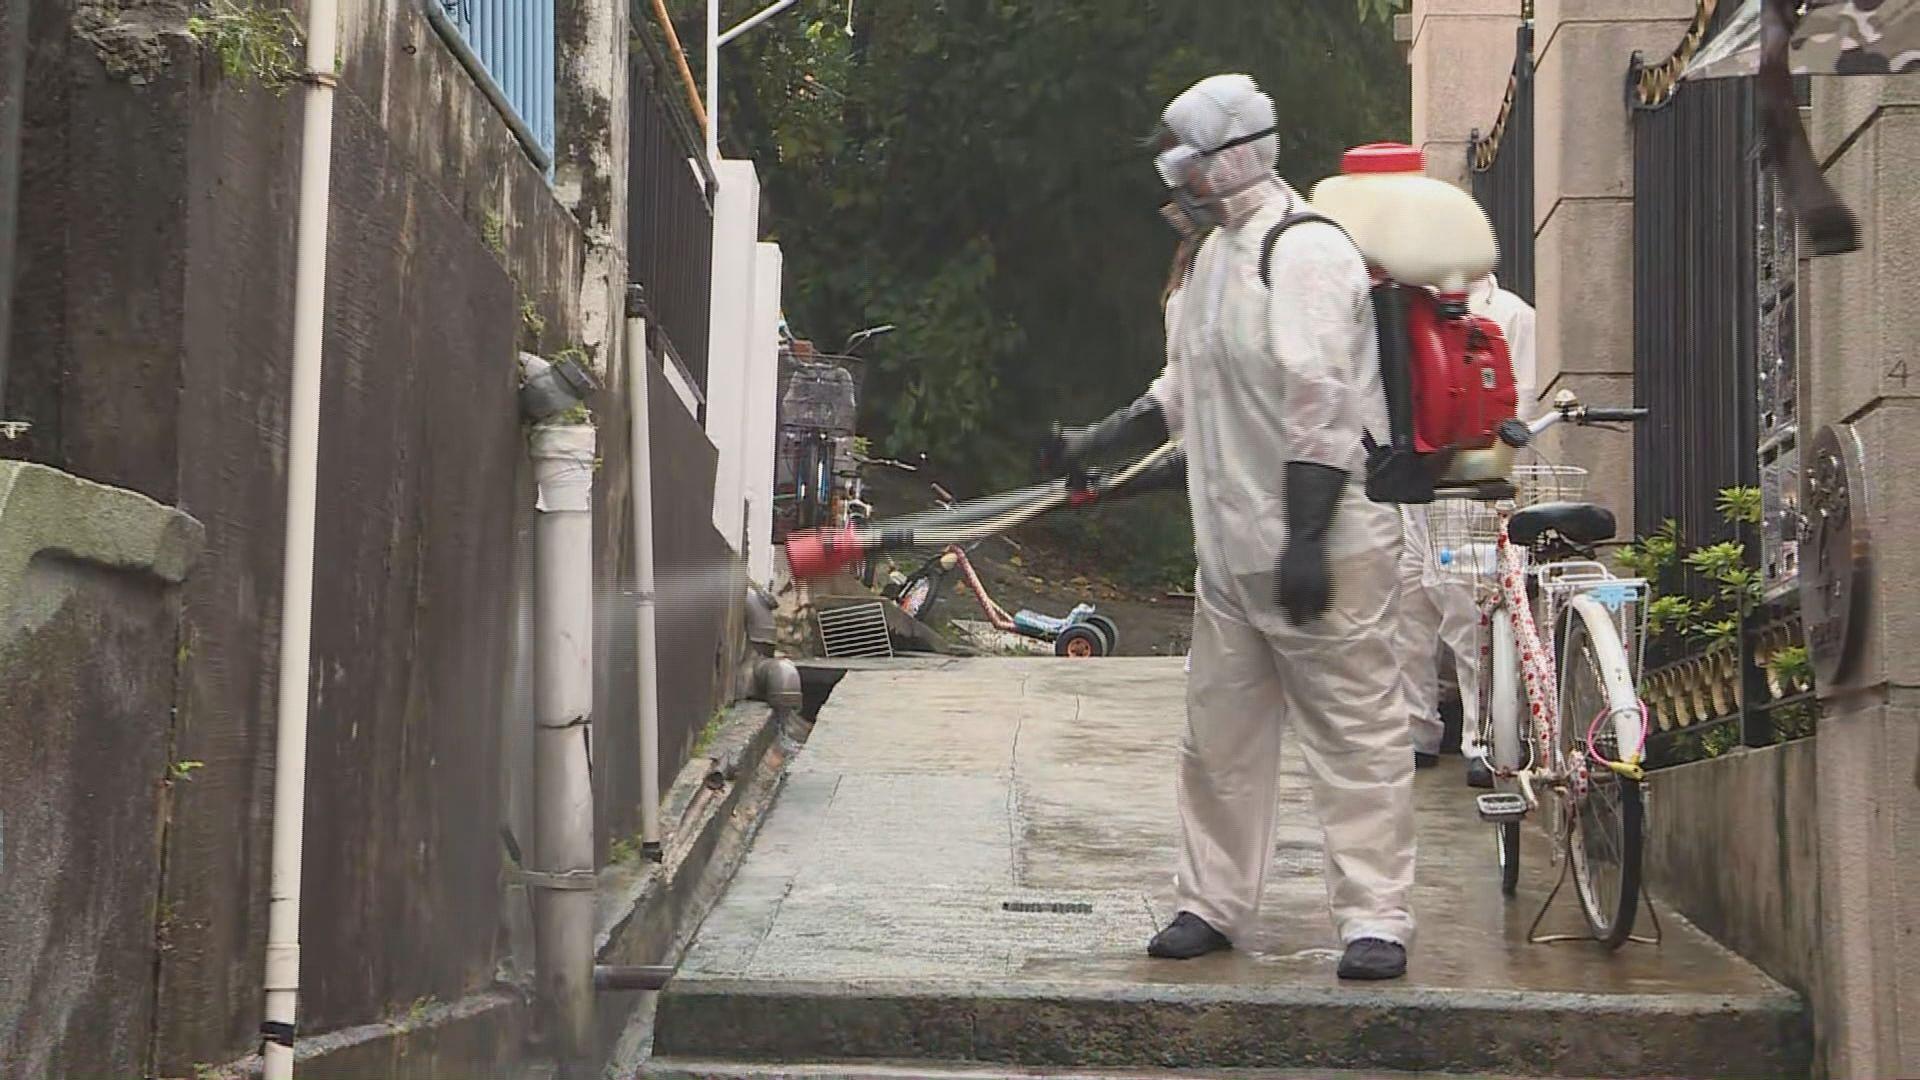 政府增資源滅蚊防登革熱成風土病